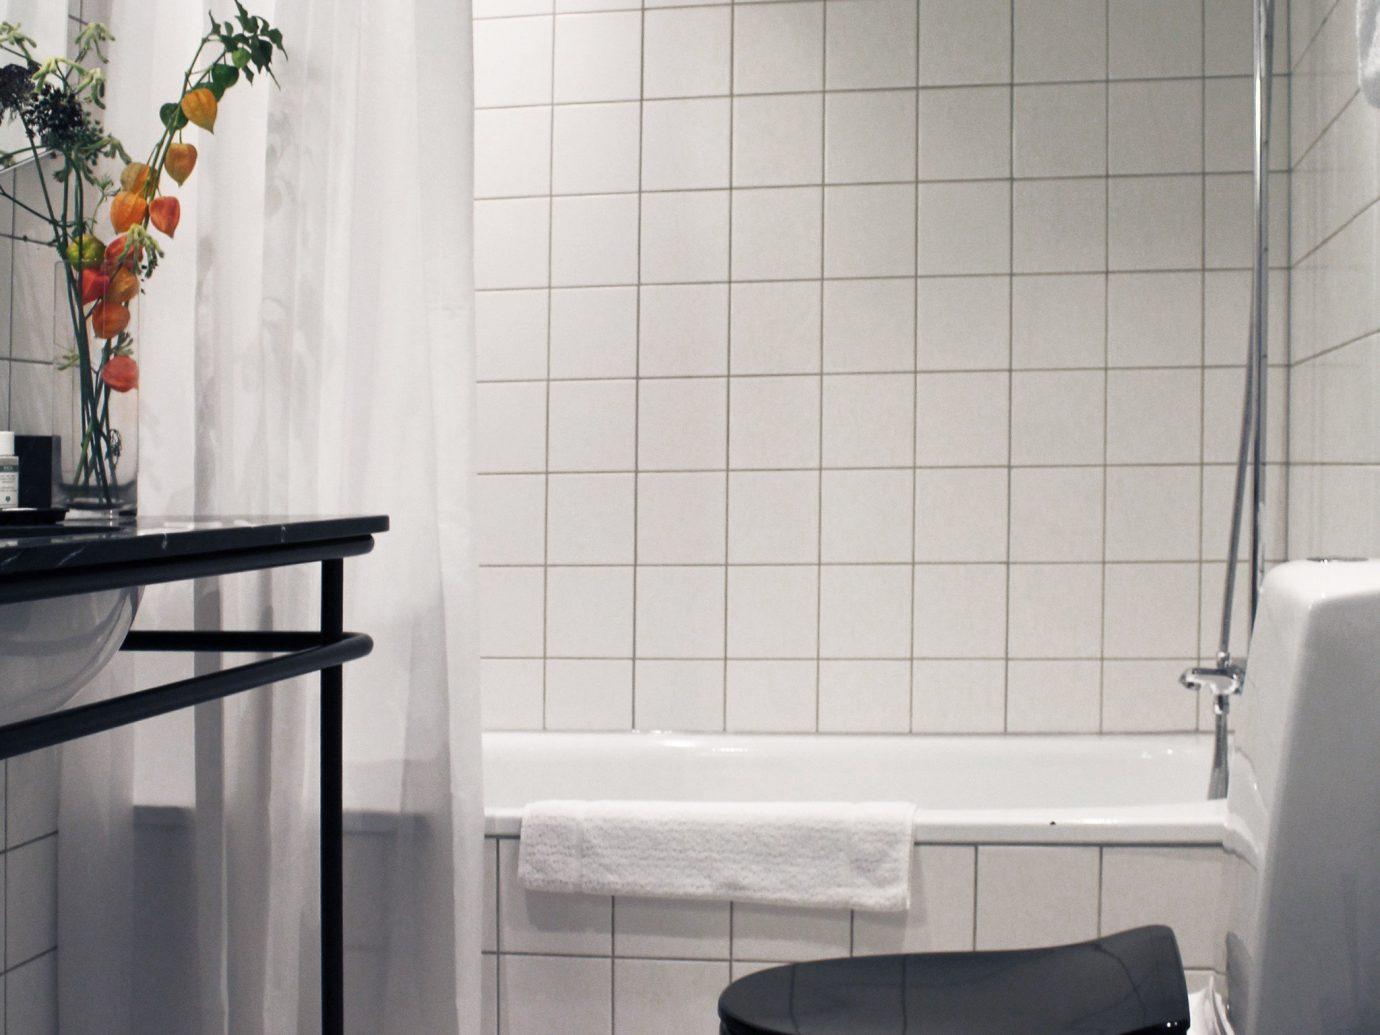 Boutique Hotels Copenhagen Denmark Hotels indoor wall bathroom room tile floor interior design plumbing fixture flooring toilet product design window angle sink product tiled tub Bath